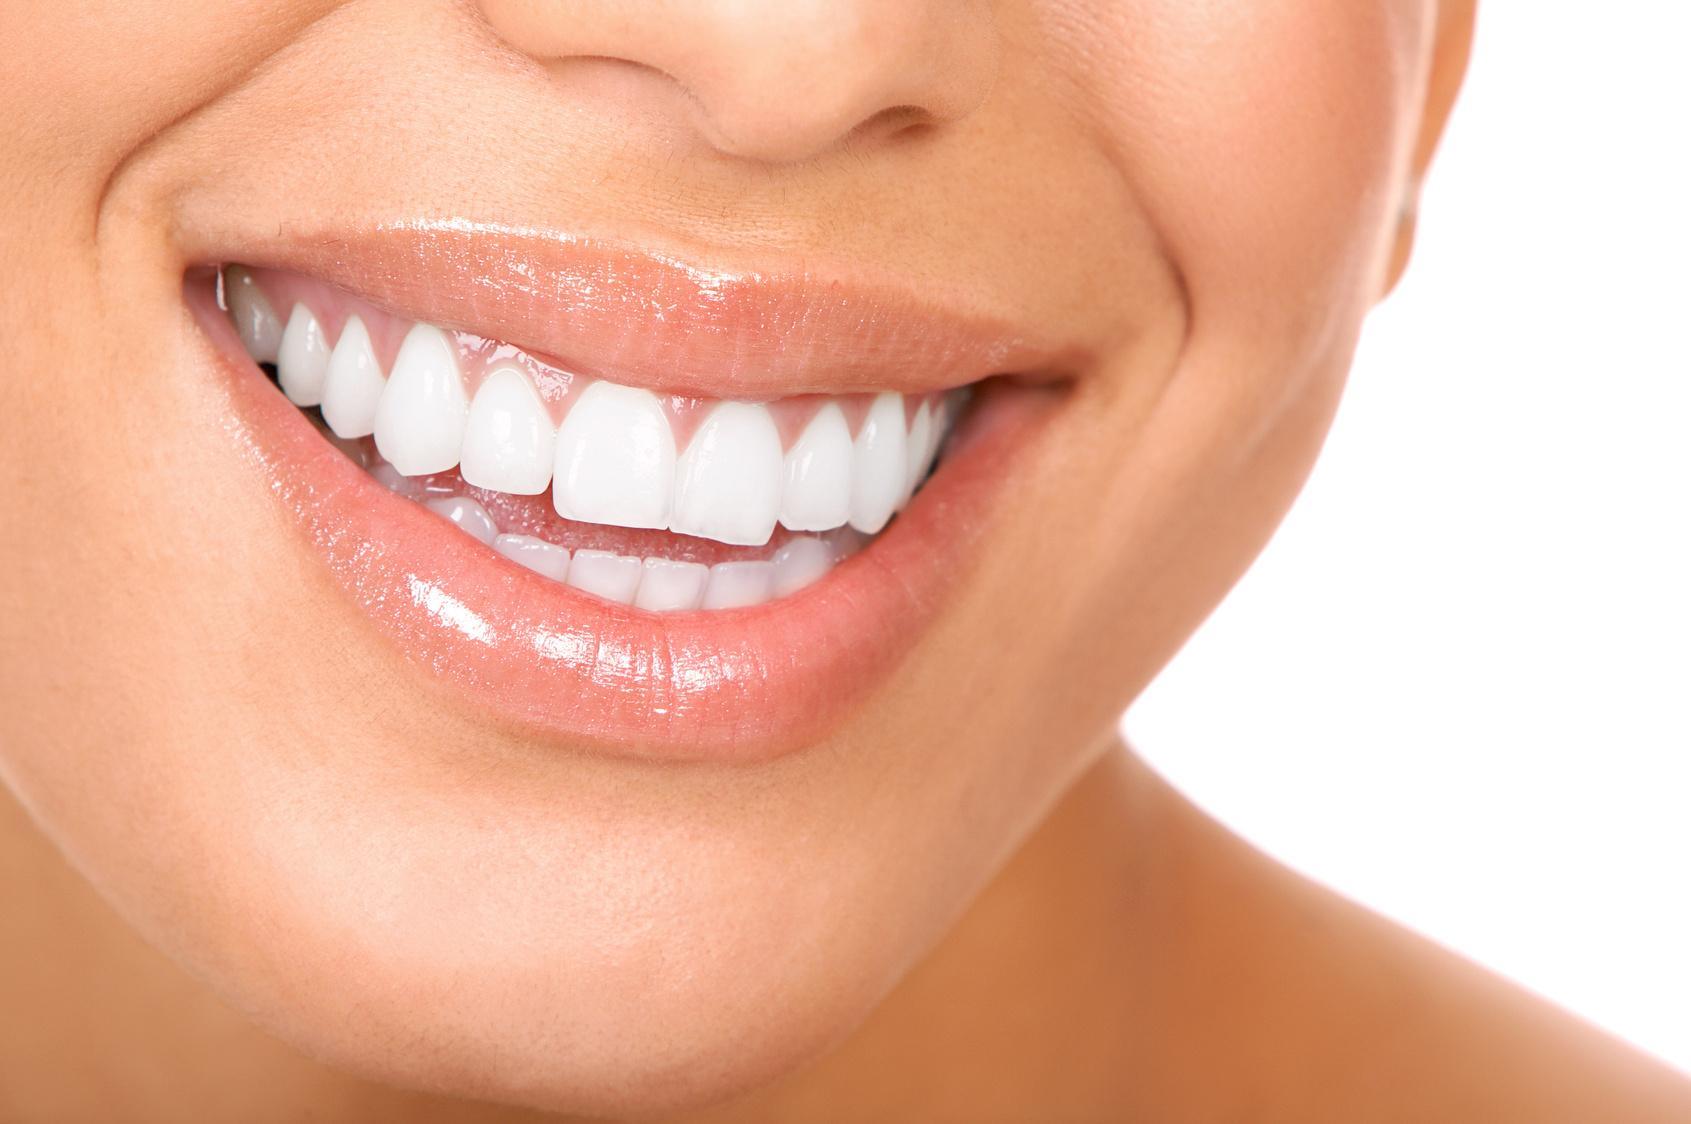 Jak wyleczyć parodontozę stosując suplementy diety?